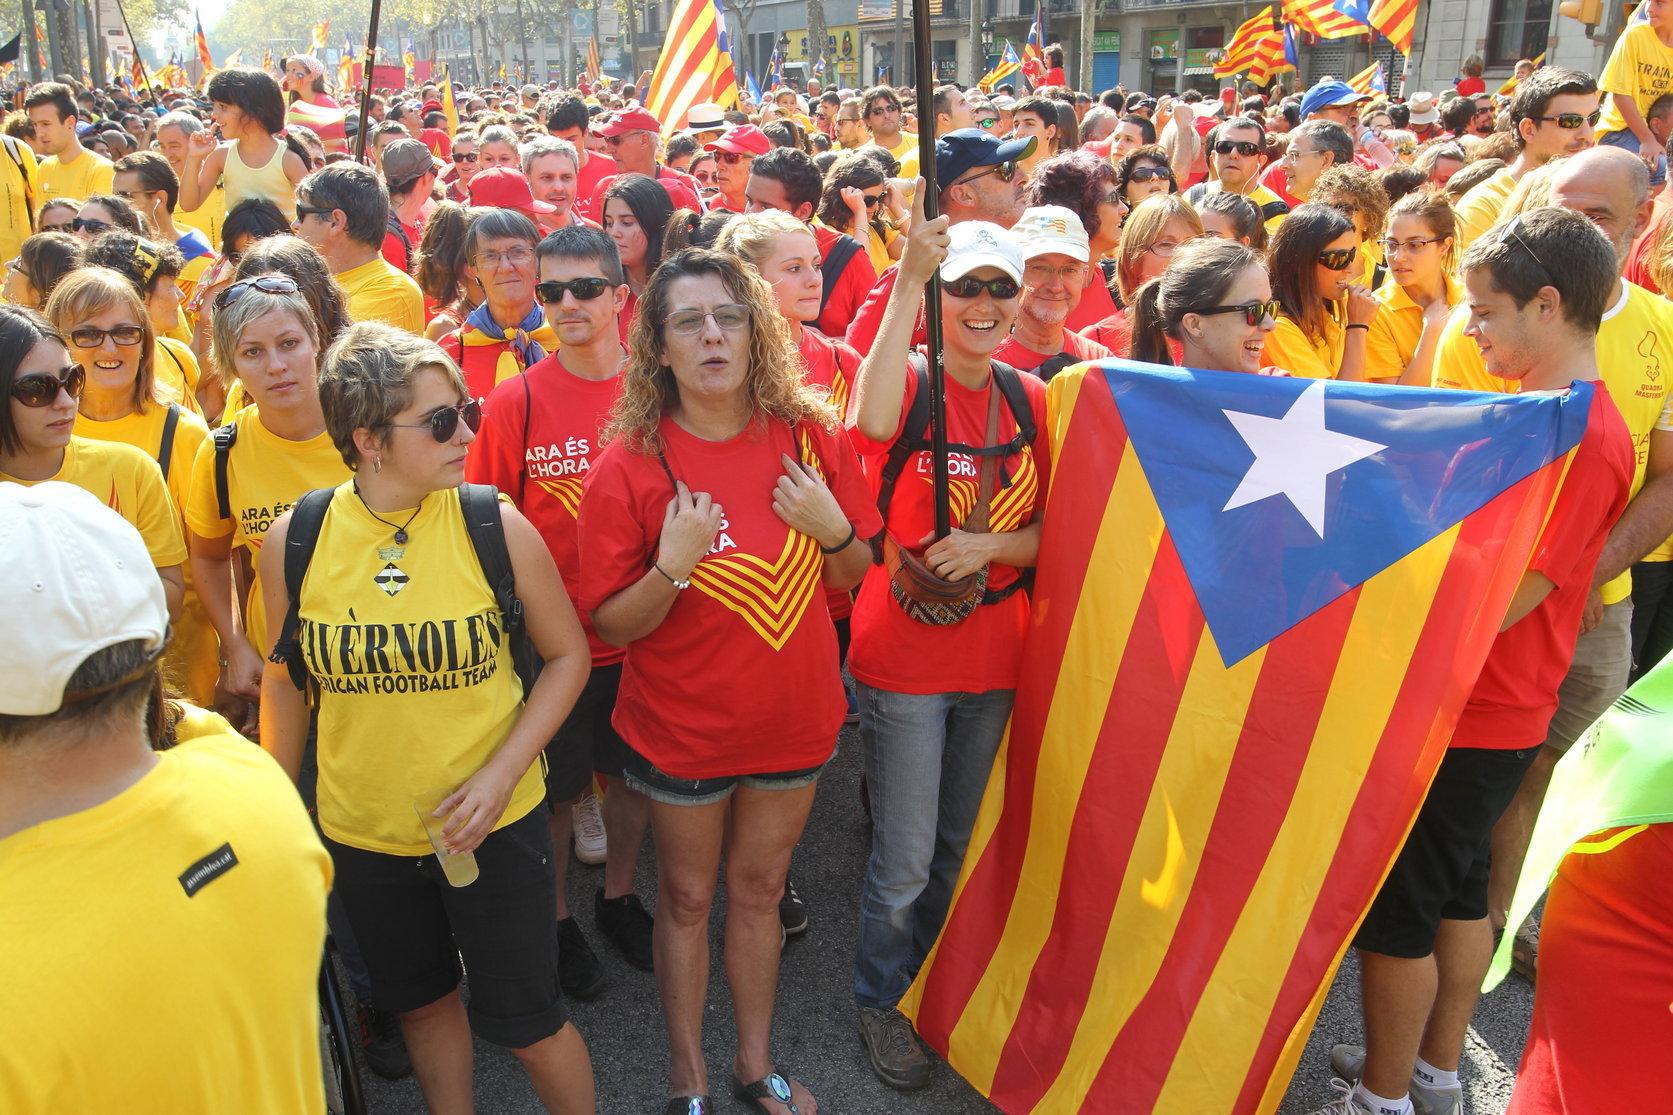 Una imatge de la manifestació de l'any passat